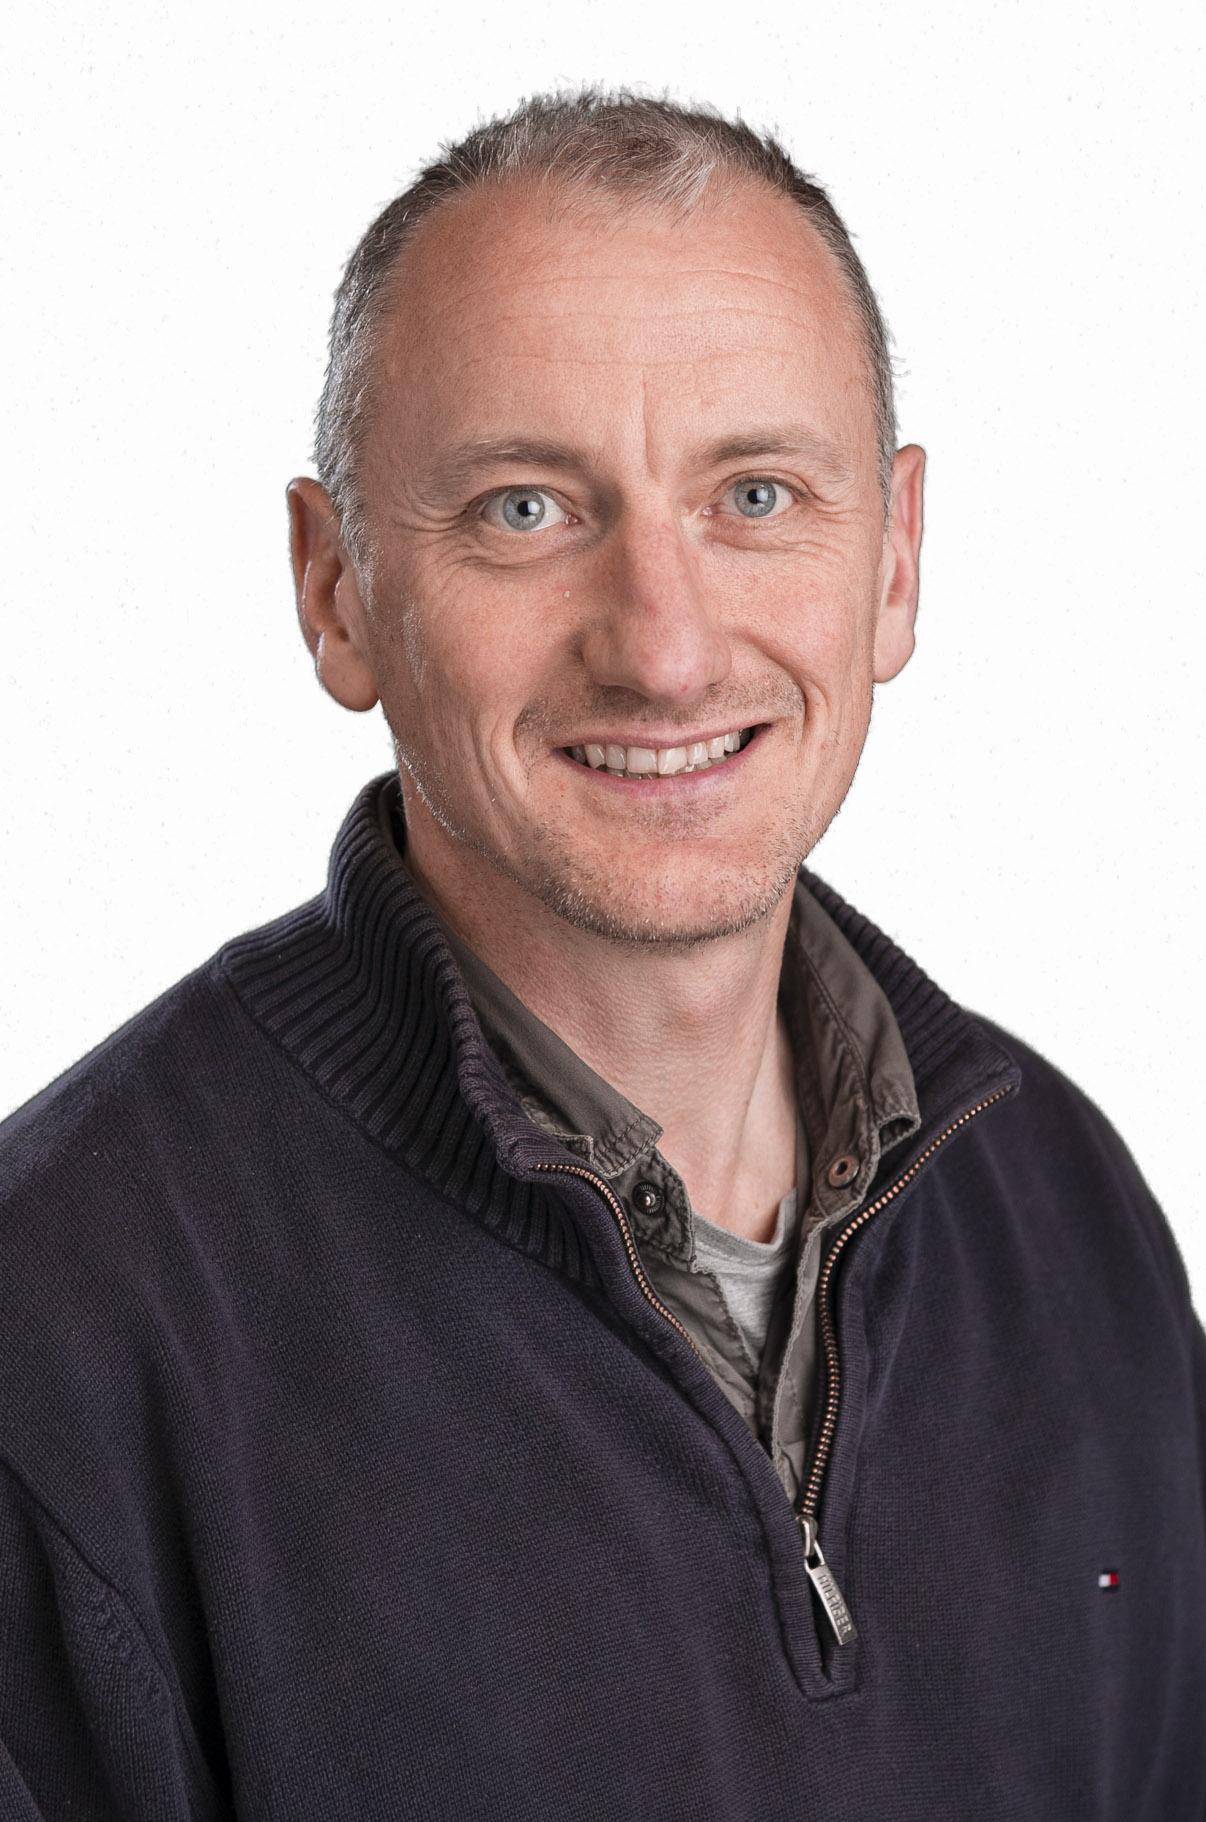 k.mulchrone@ucc.ie